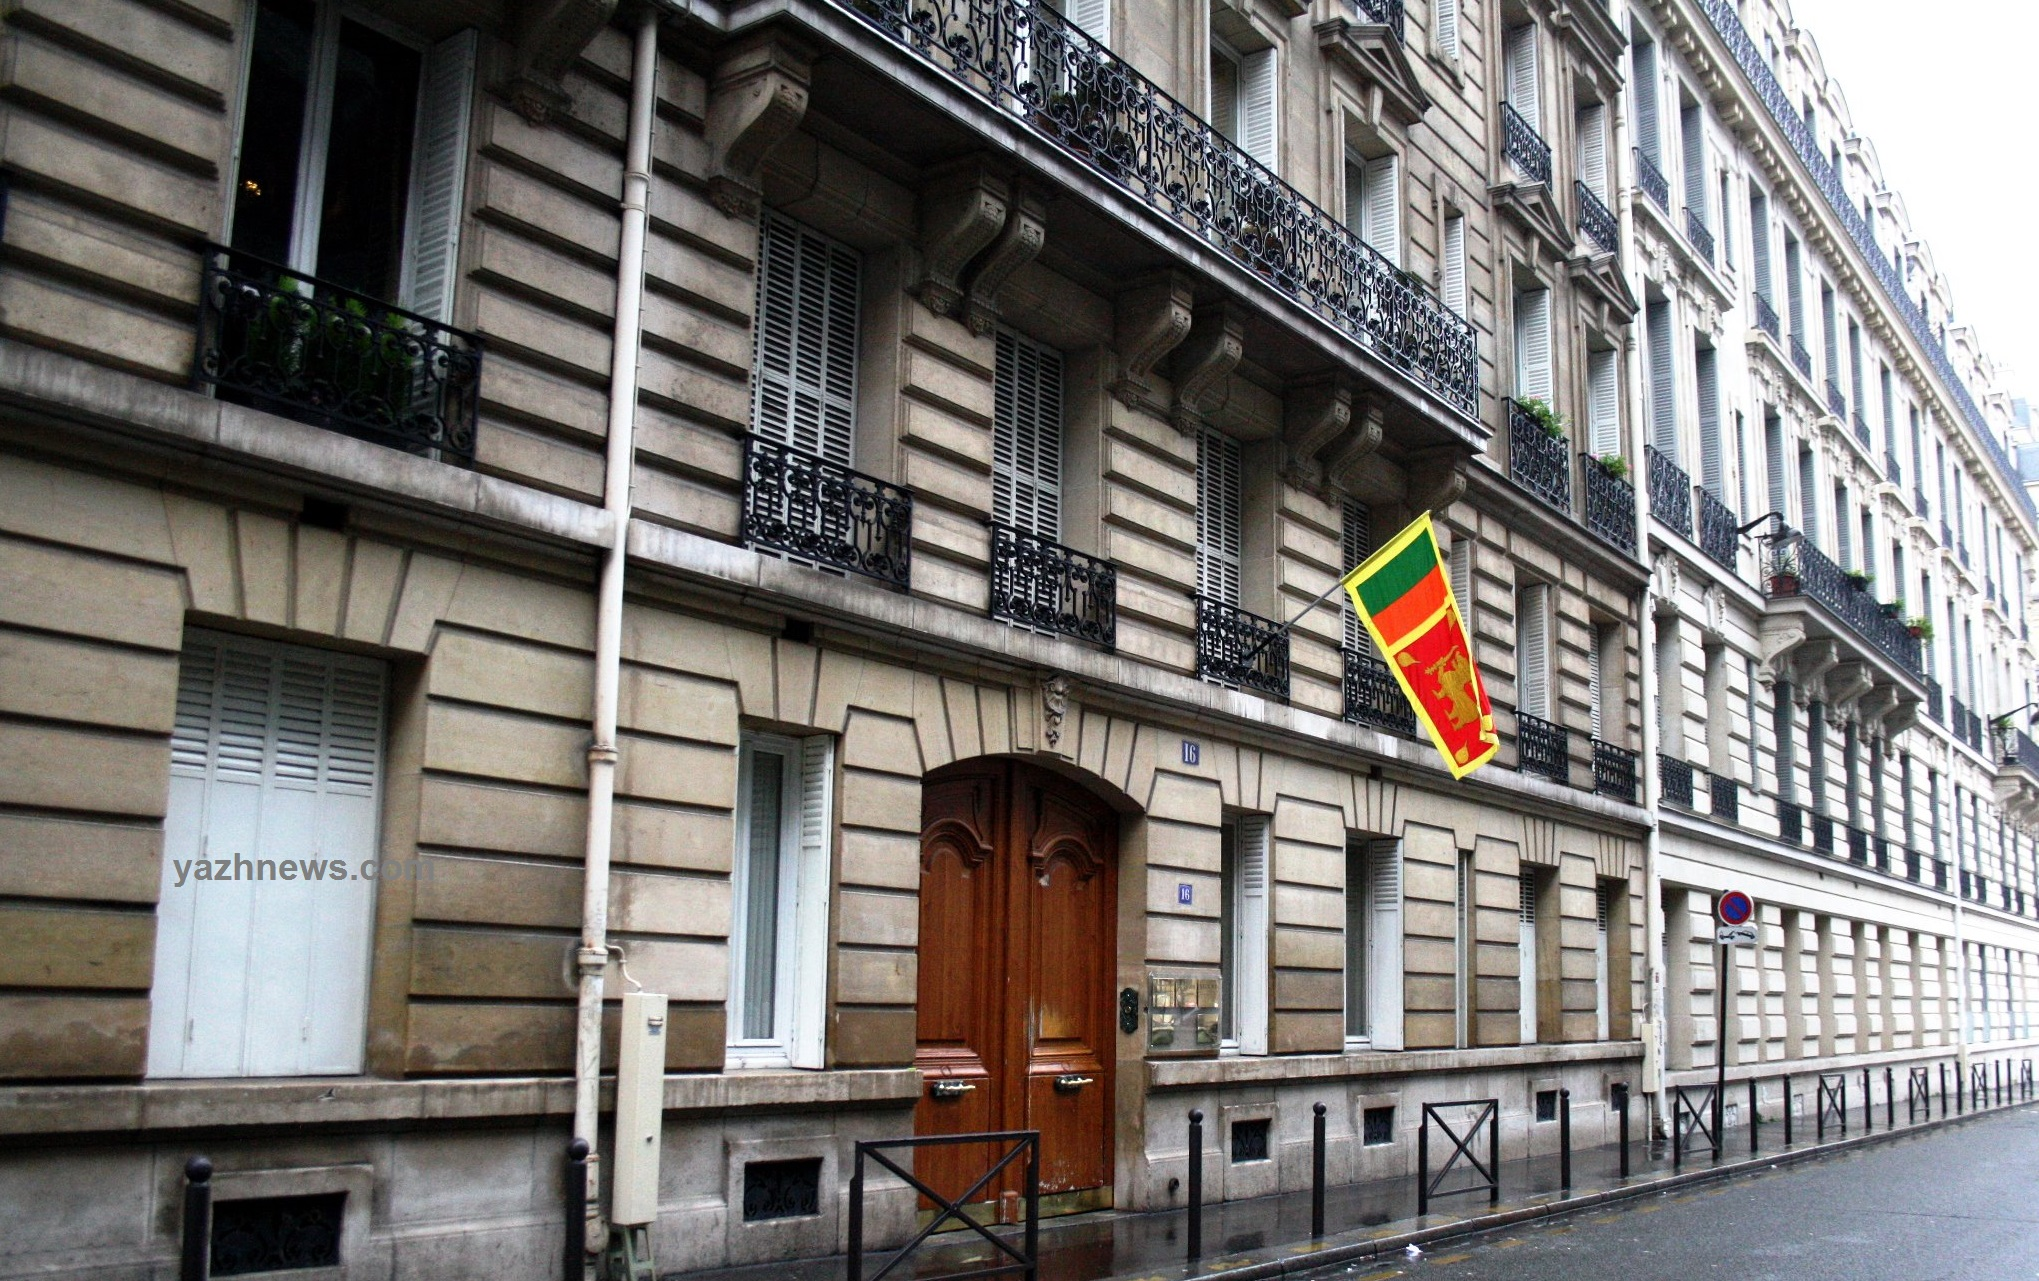 Embassy of Sri Lanka in France - Yazhnews